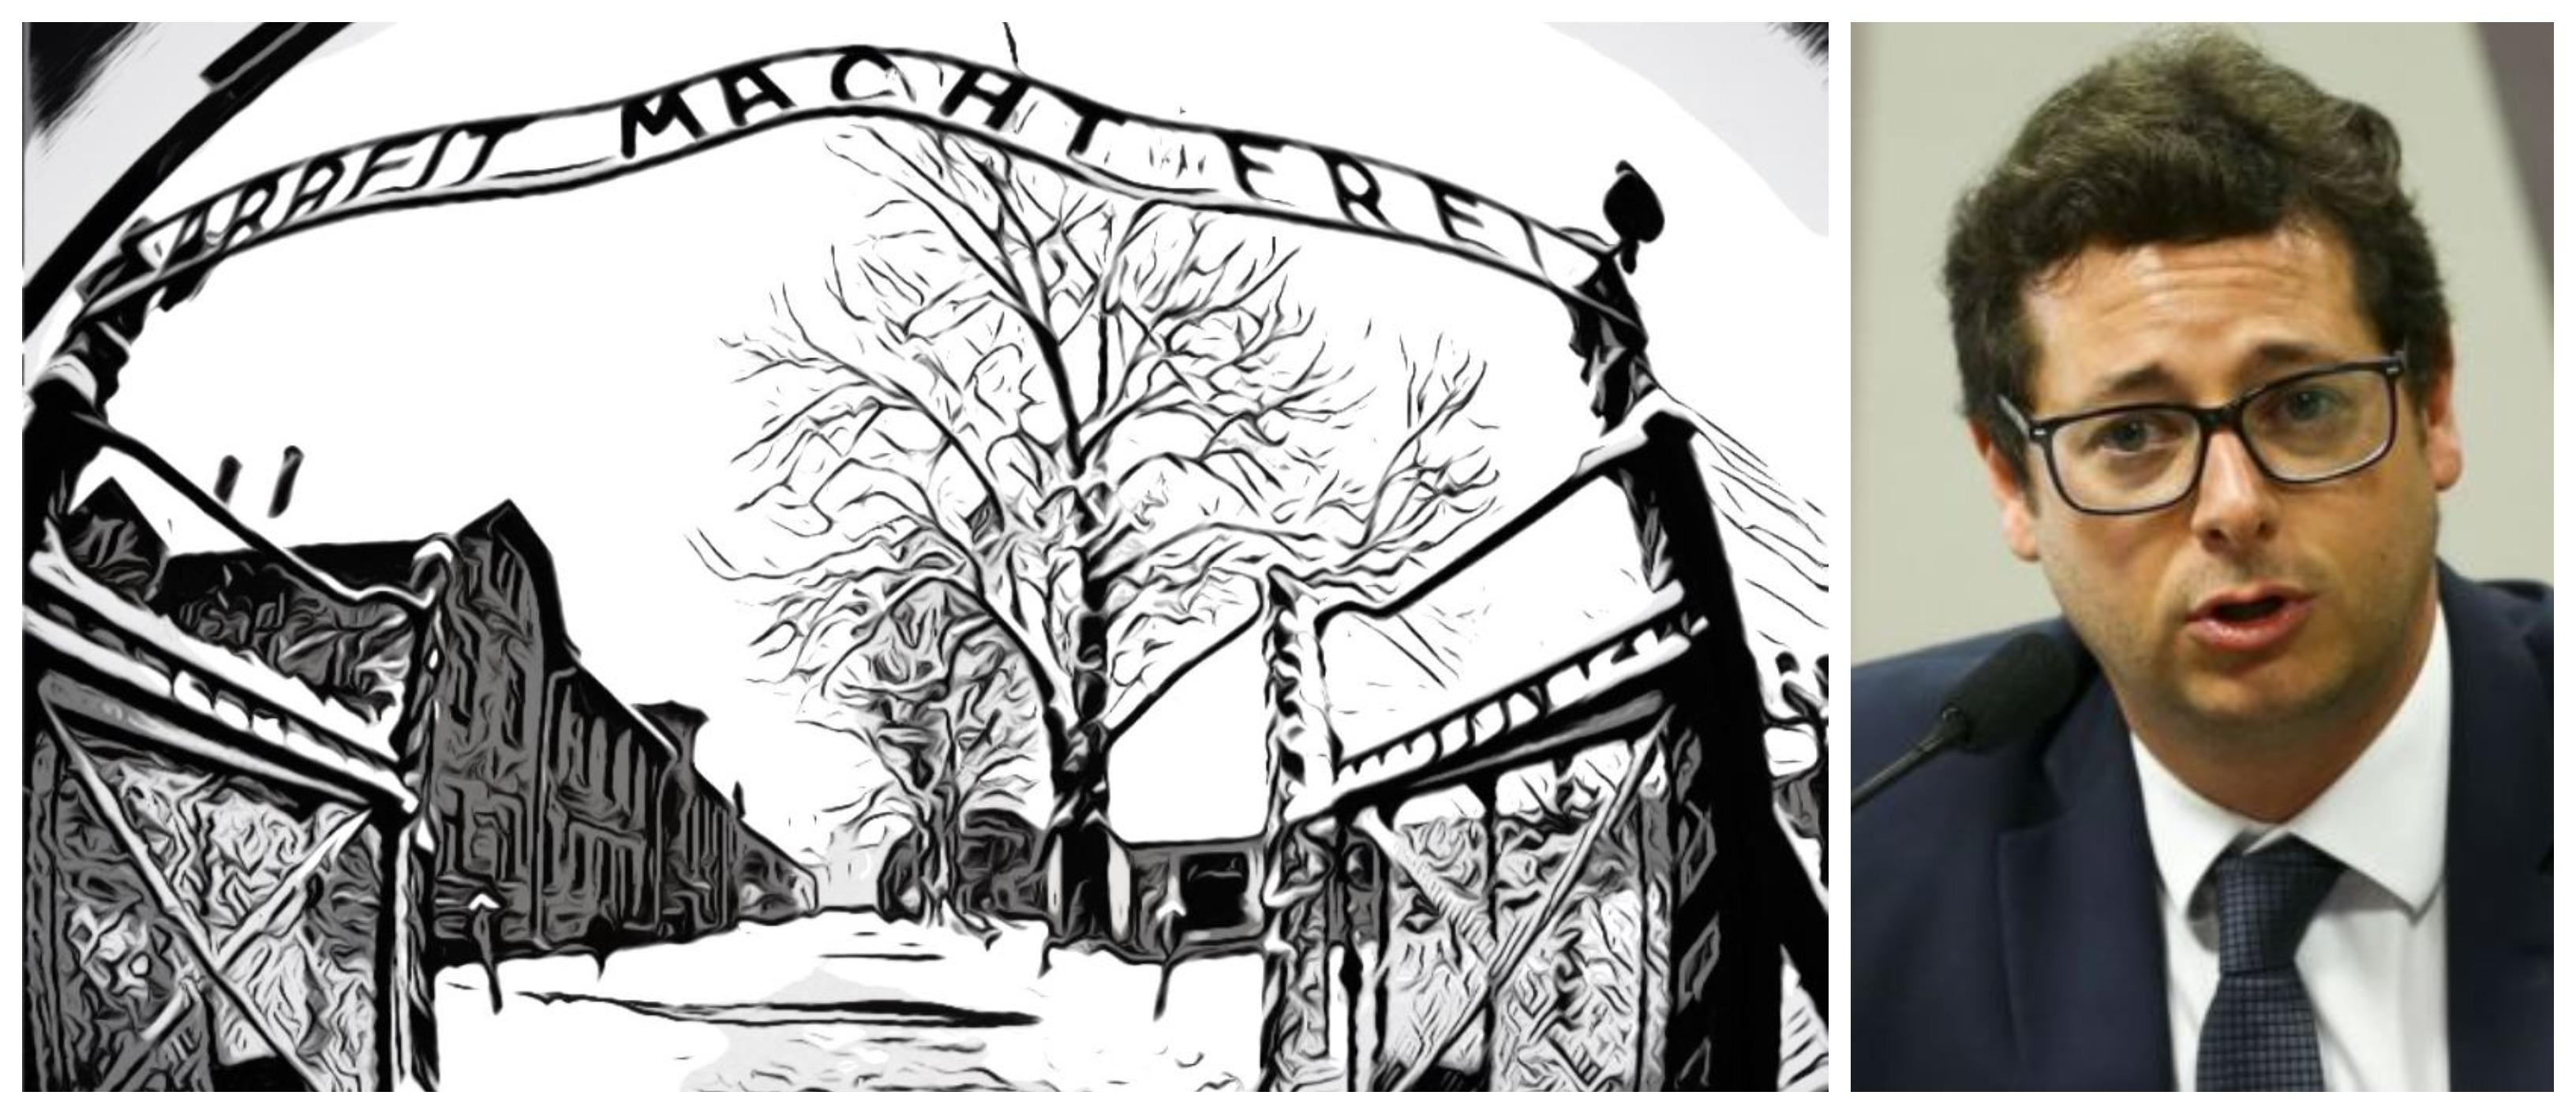 Pedro dos Anjos: Um parafascista, que extrapolou até aqueles que também receberam 'ensinamentos judaicos'